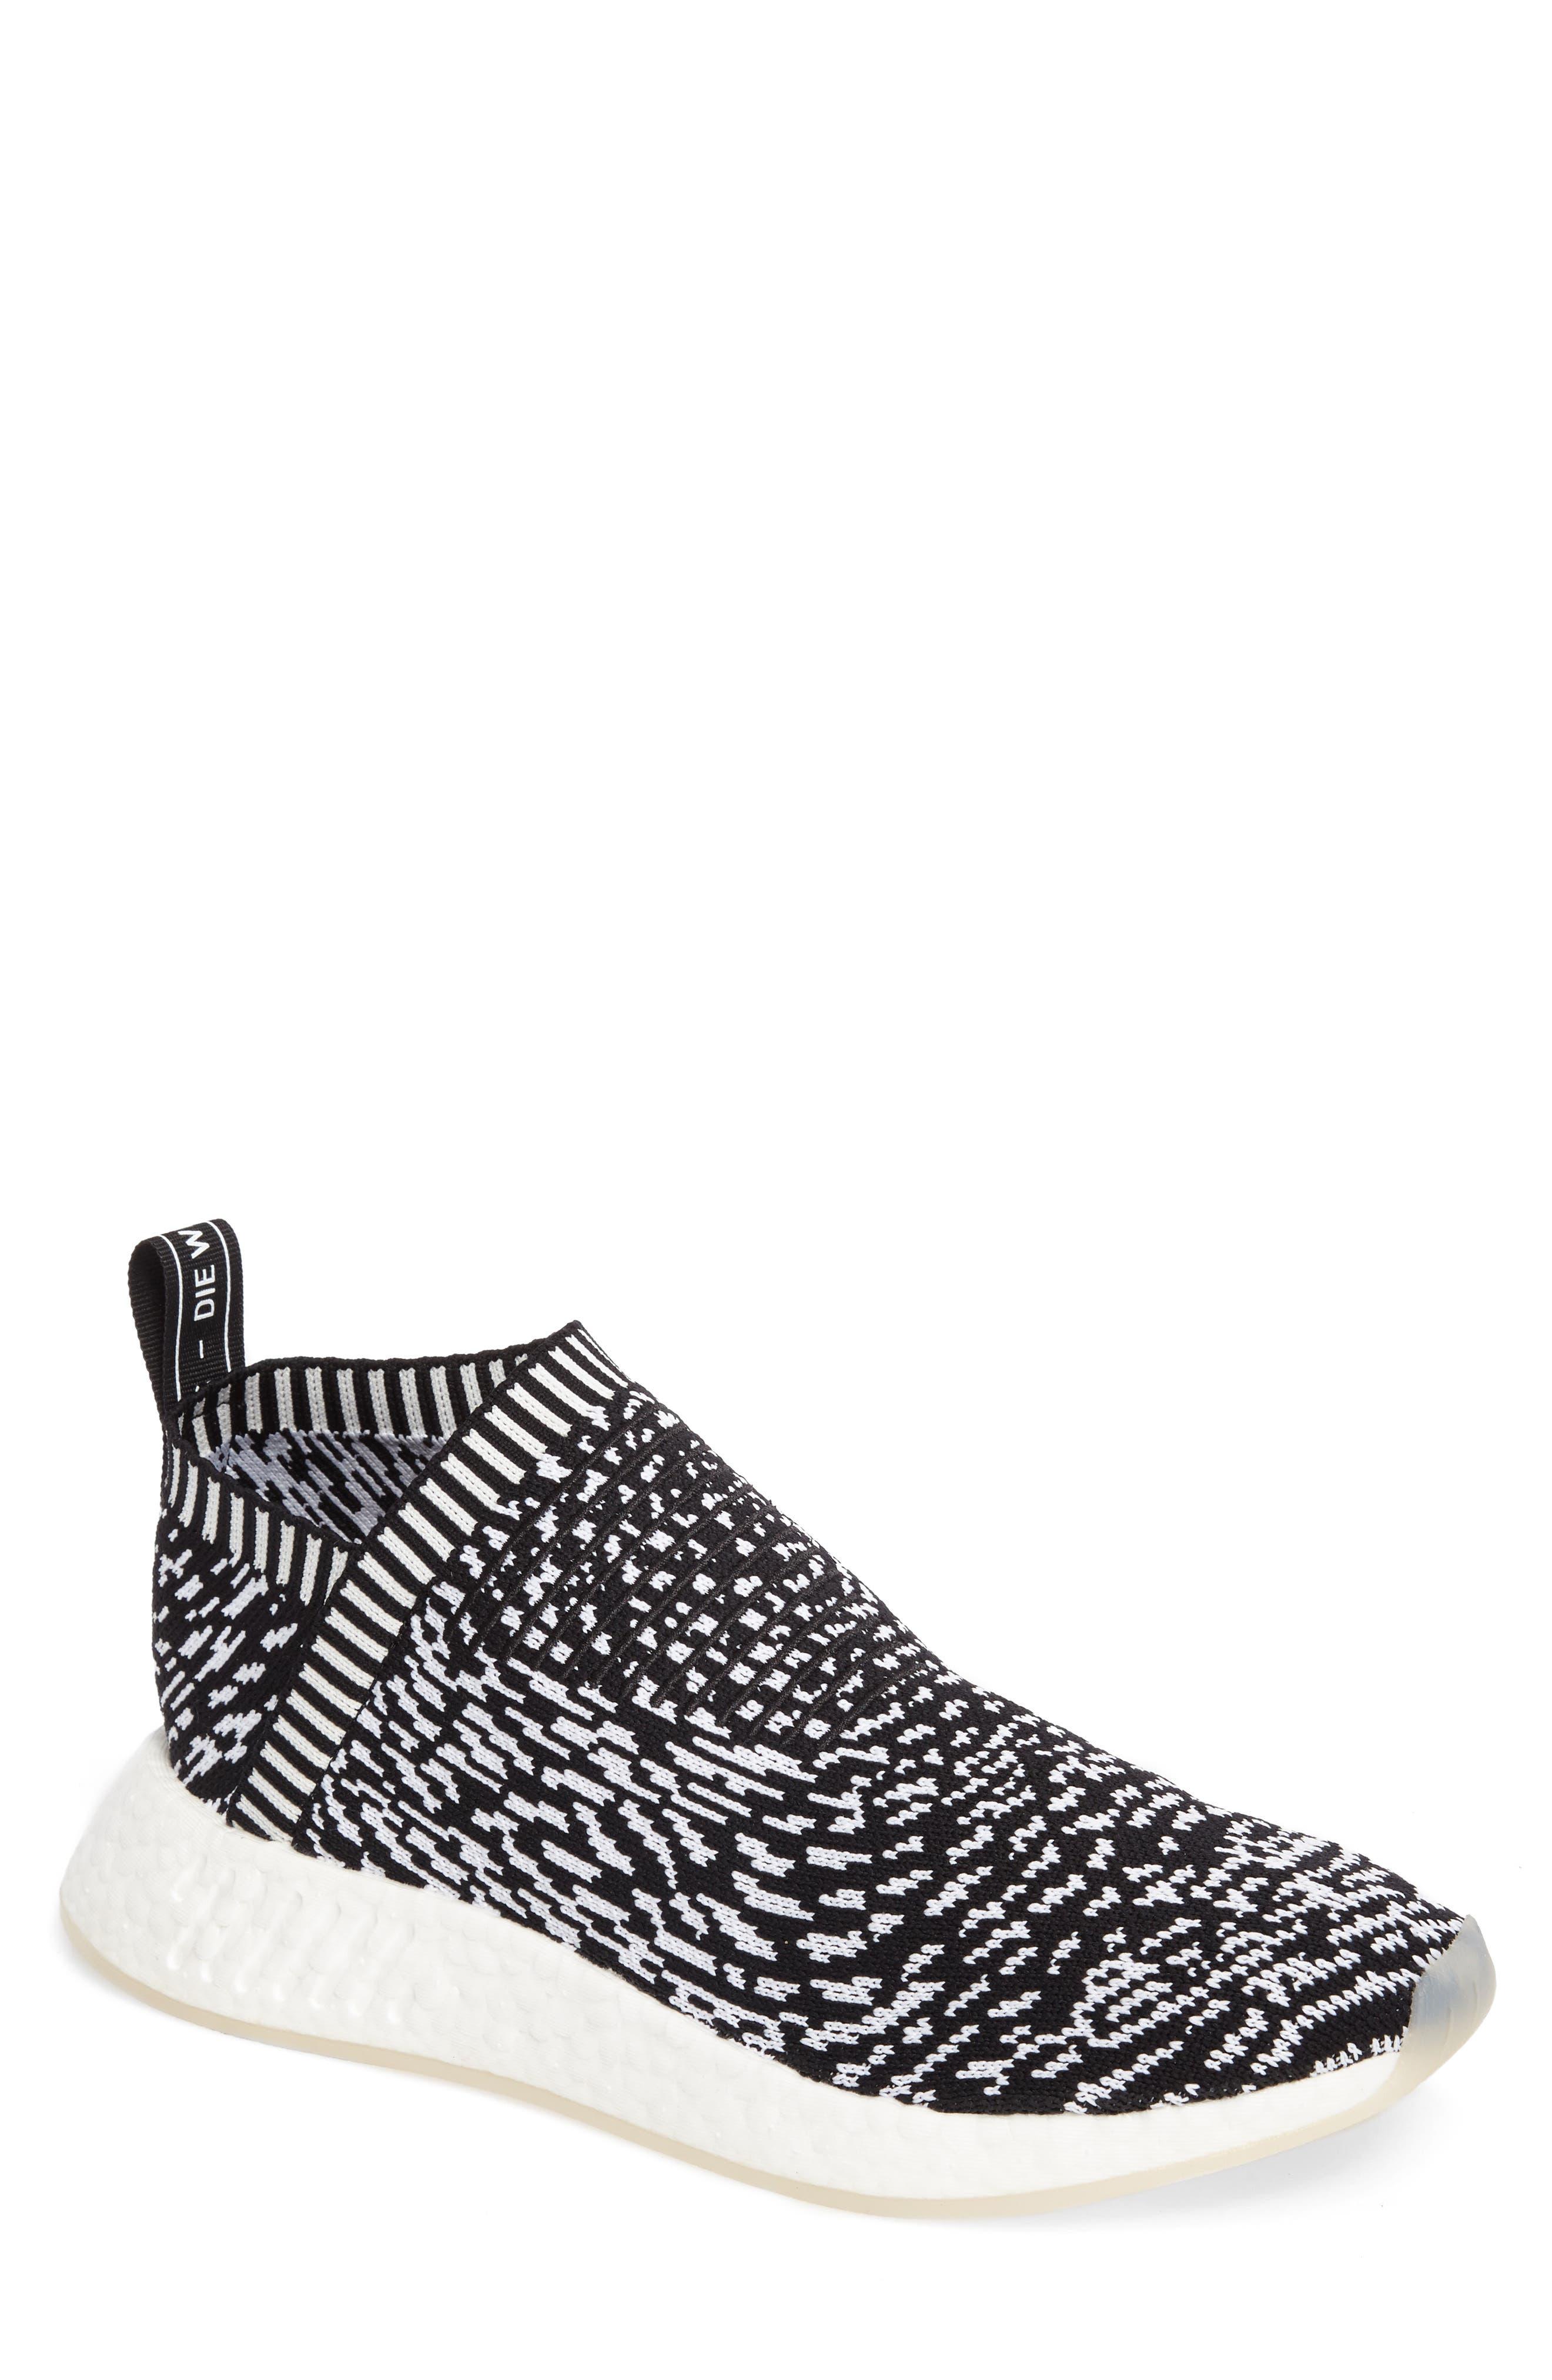 Alternate Image 1 Selected - adidas NMD_CS2 Primeknit Sneaker (Men)